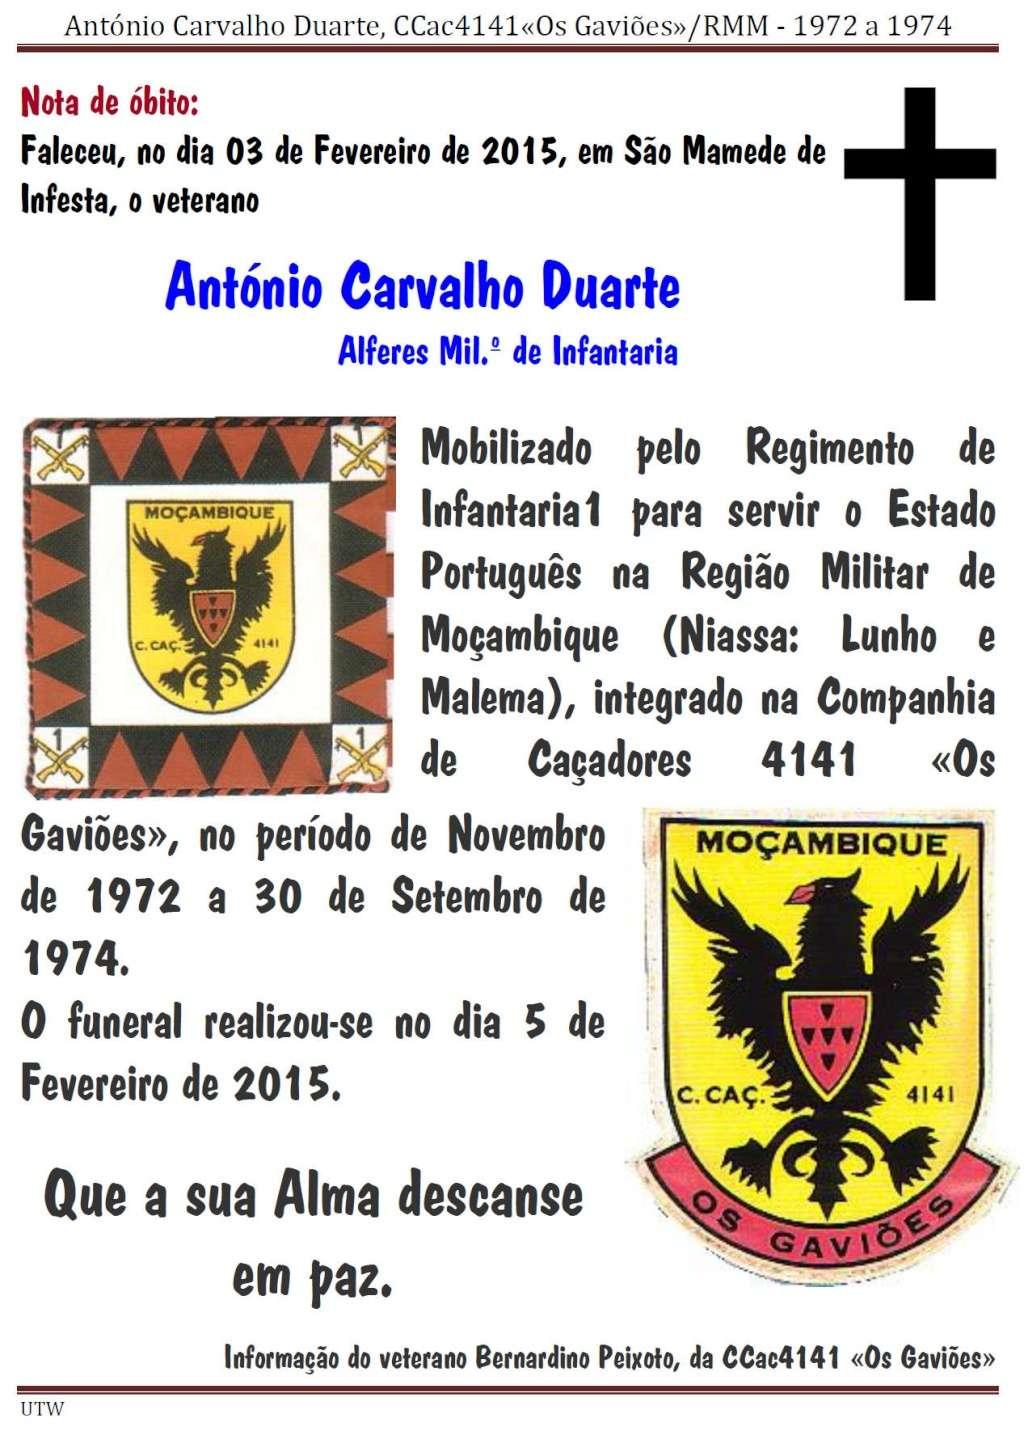 Faleceu o veterano António Carvalho Duarte da CCac4141 «Os Gaviões» - 03Fev2015 Antoni12